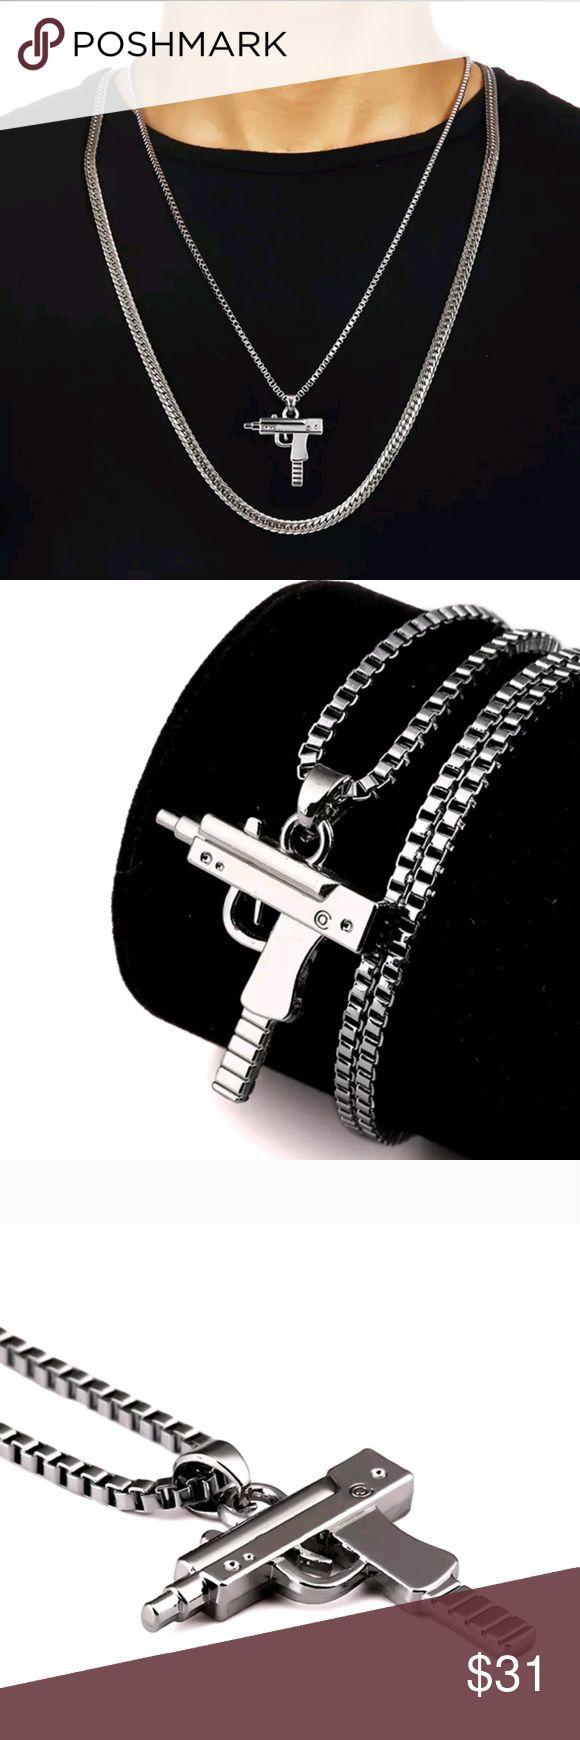 SILVER Supreme Brand Uzi Necklace/Chain Top notch shit Supreme Accessories Jewelry